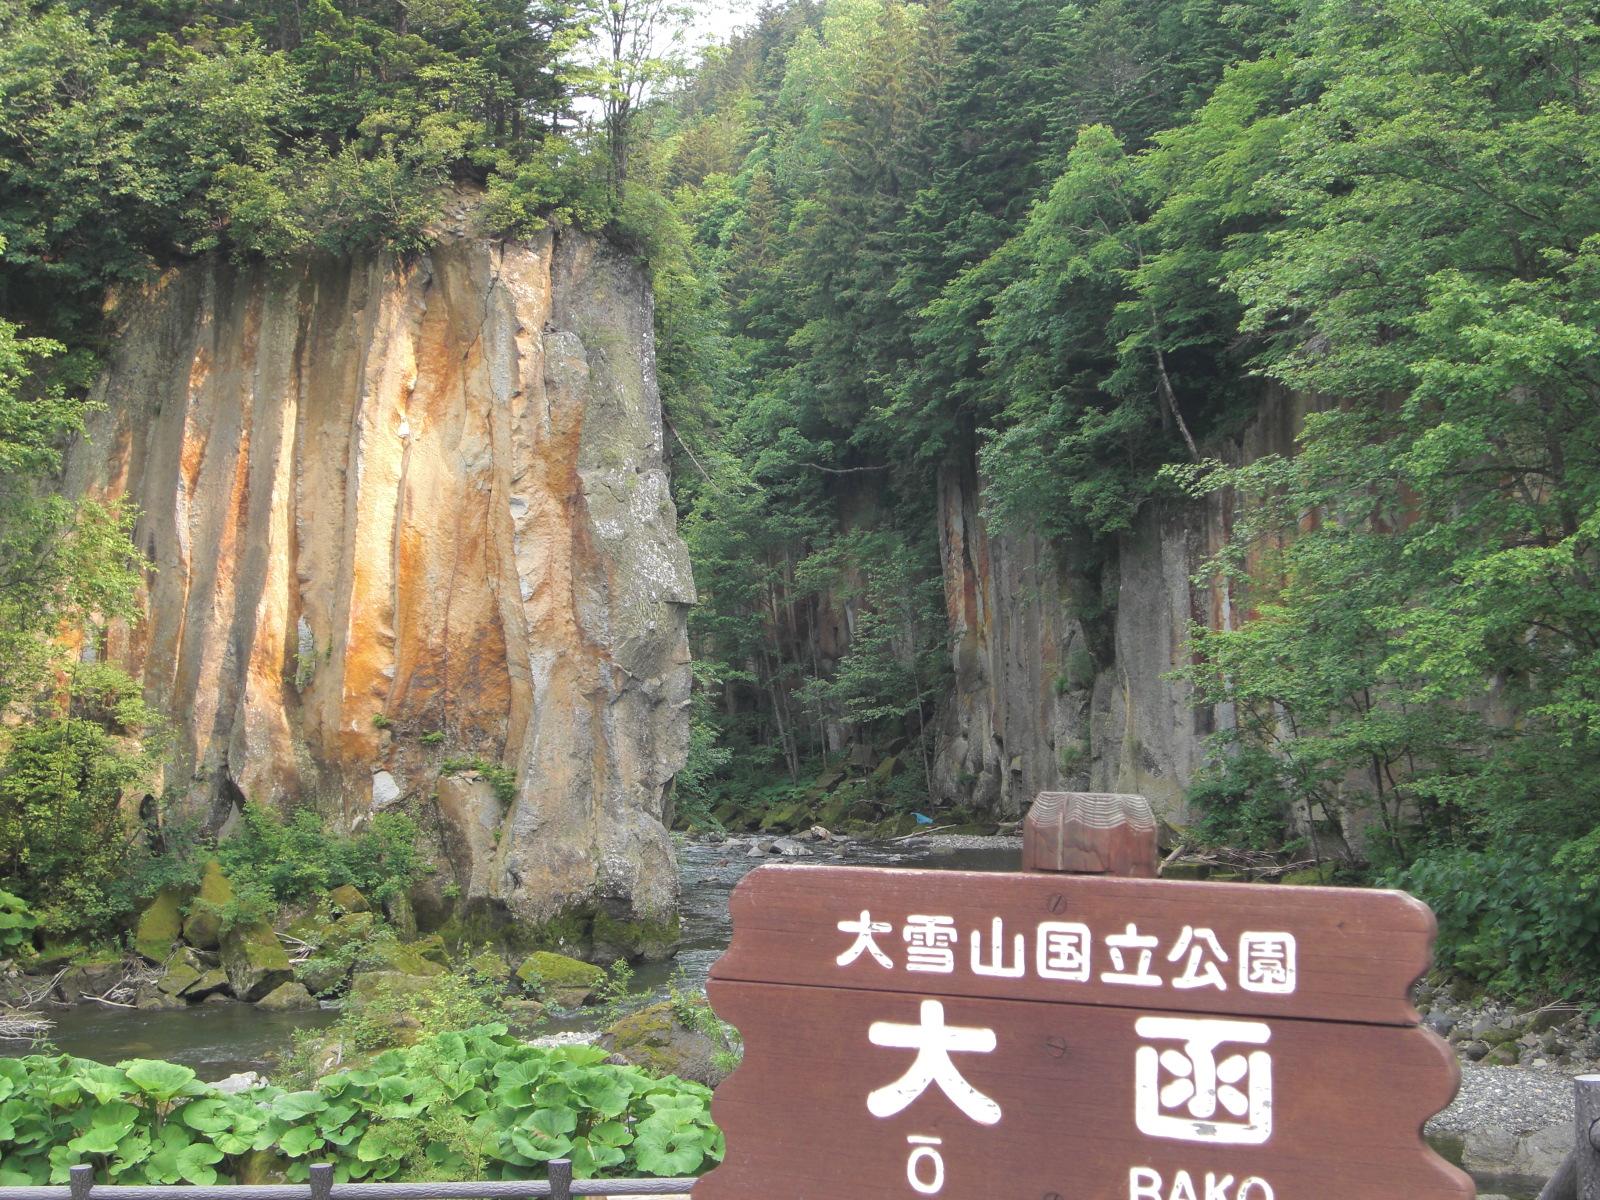 北海道観光タクシー高橋の小樽~富良野美瑛~層雲峡~知床~阿寒観光案内です。